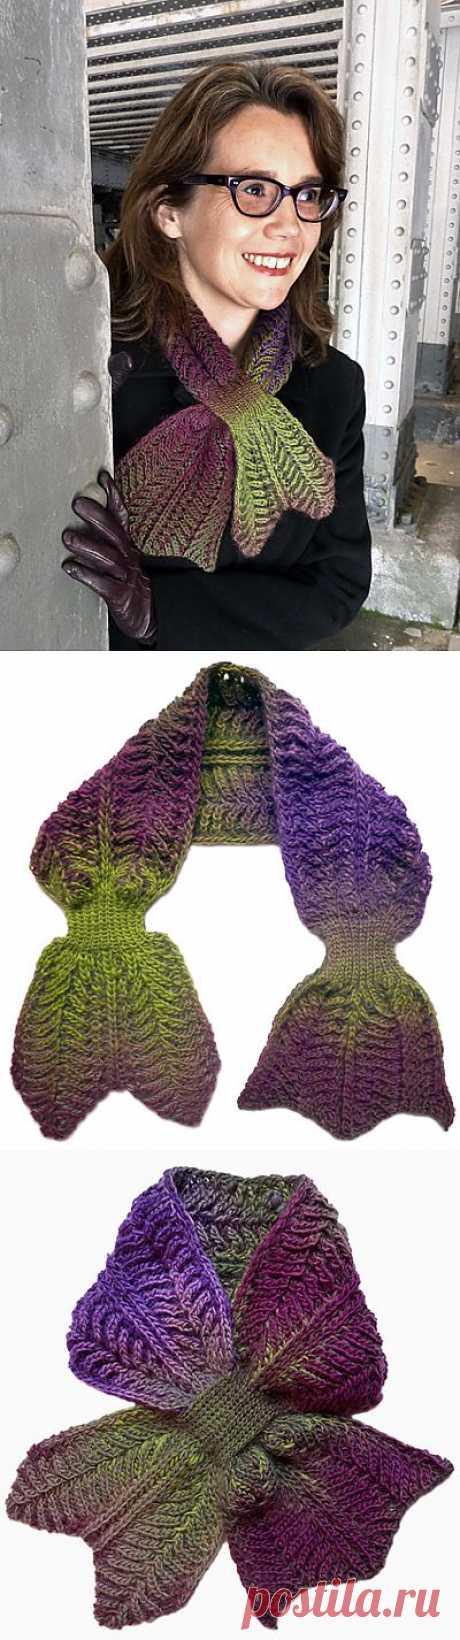 Rodekool булочки : Knitty Глубокая осень 2010